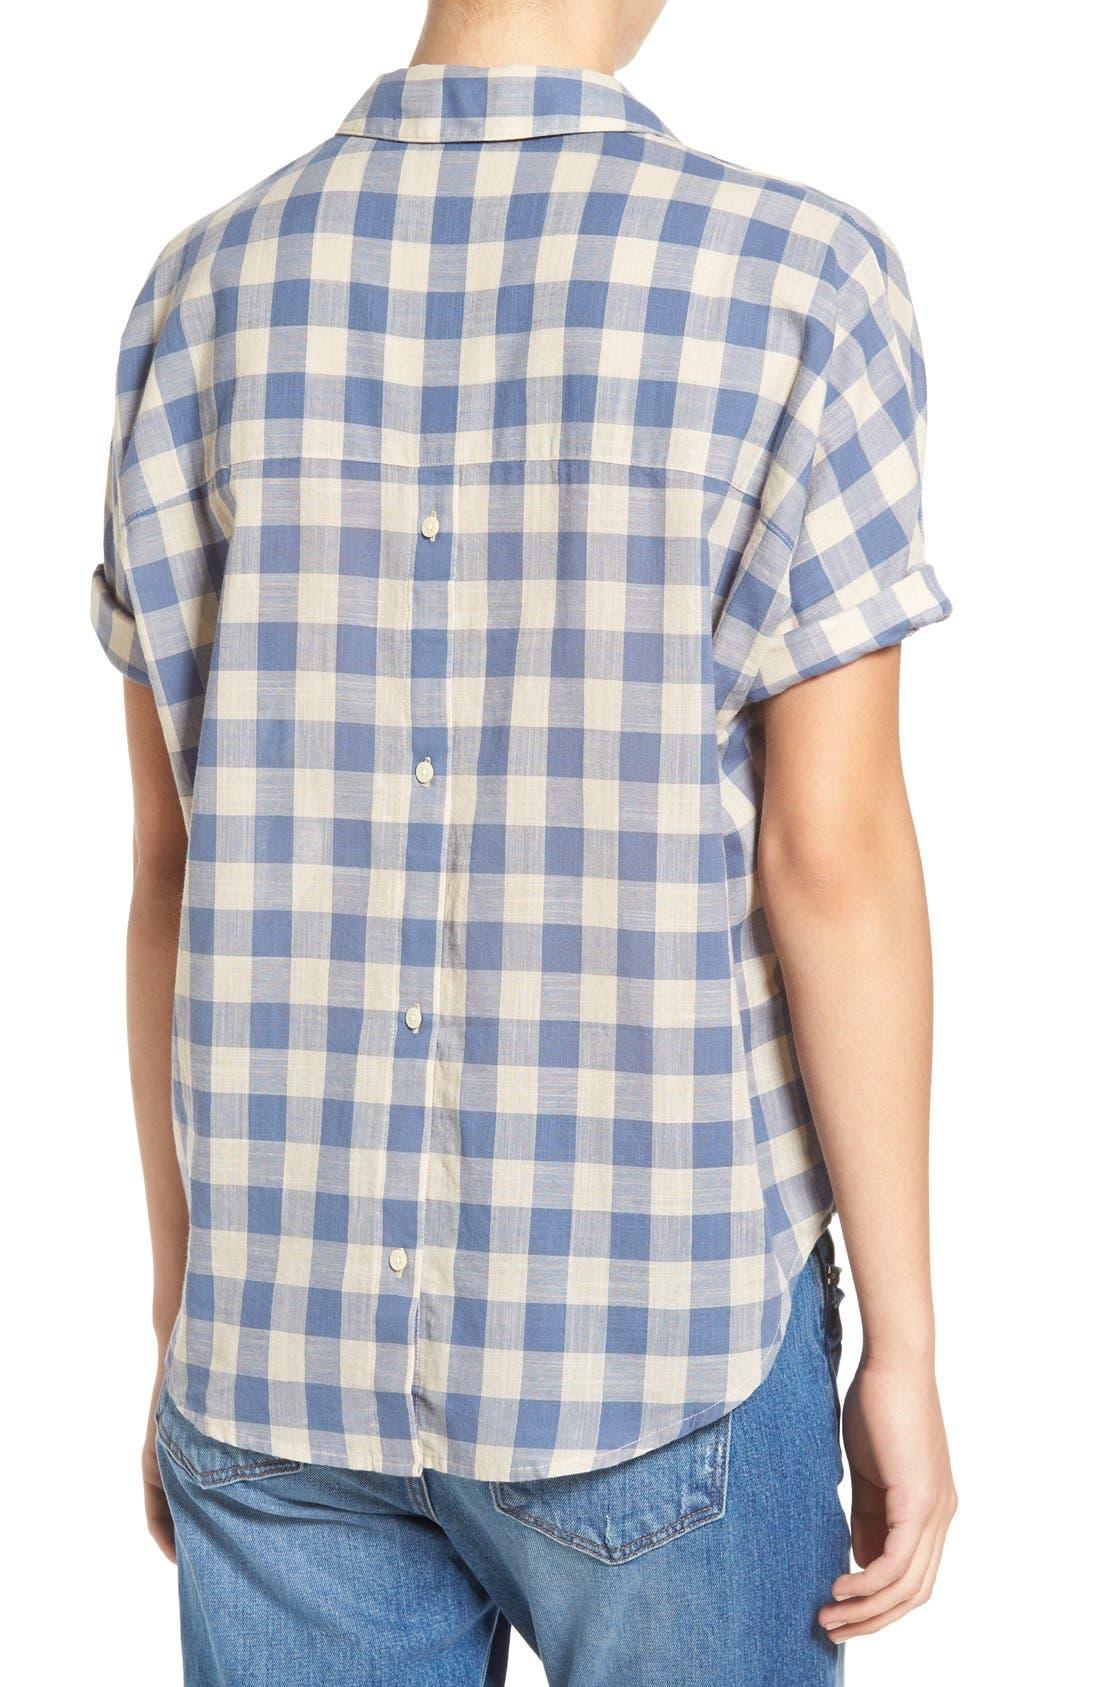 'Courier' Back Button Shirt,                             Alternate thumbnail 4, color,                             408